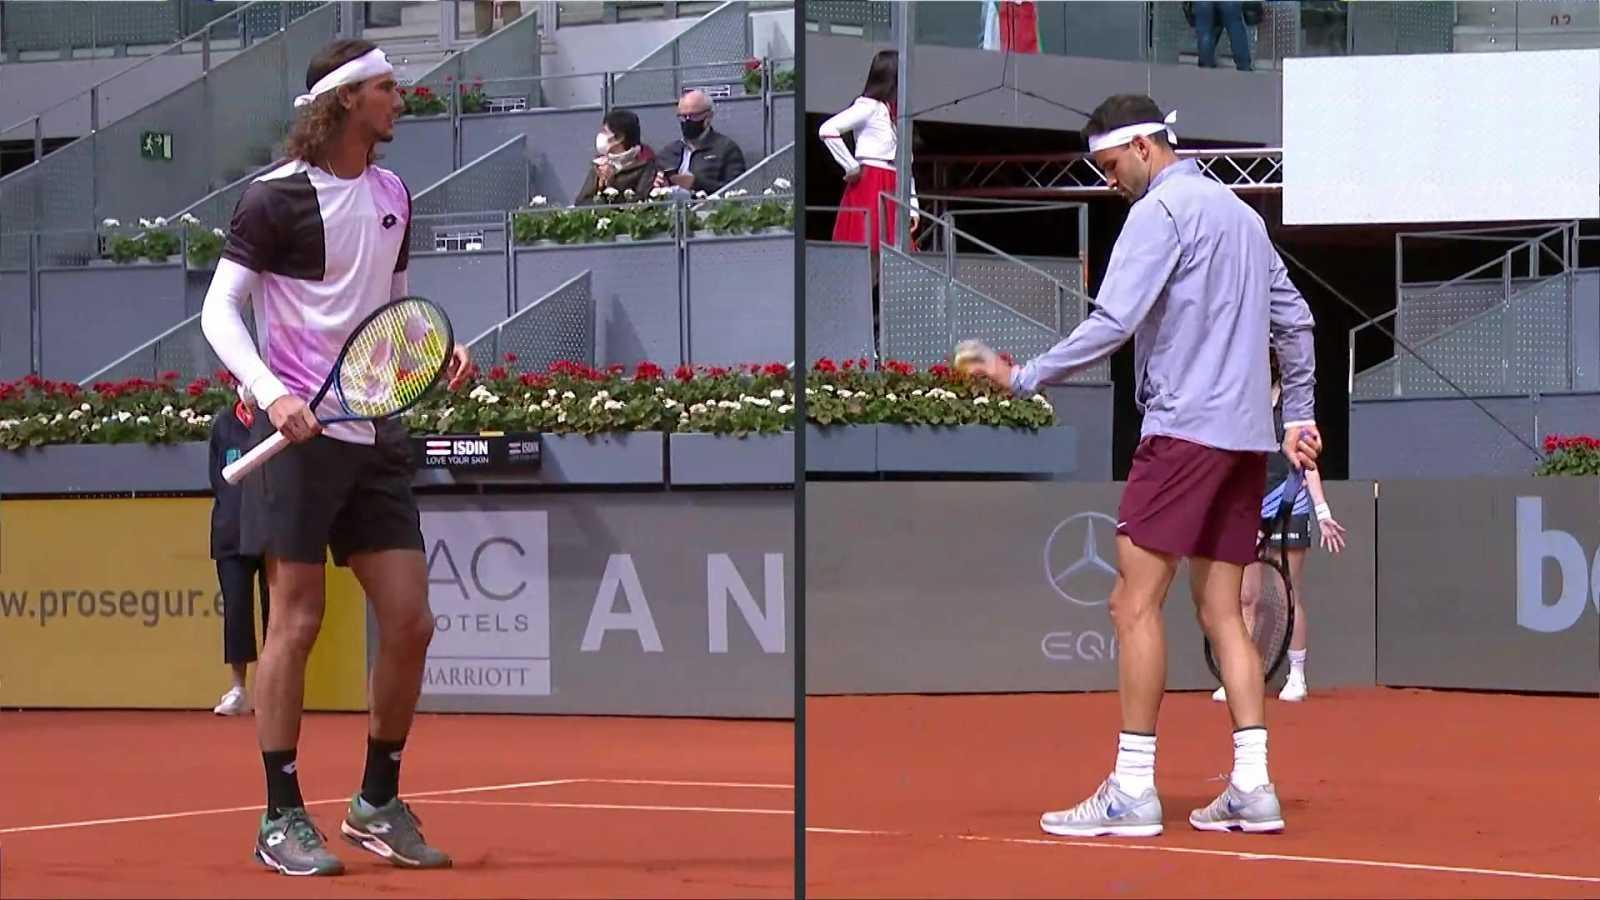 Tenis - ATP Mutua Madrid Open: Lloyd Harris - Grigor Dimitrov - ver ahora